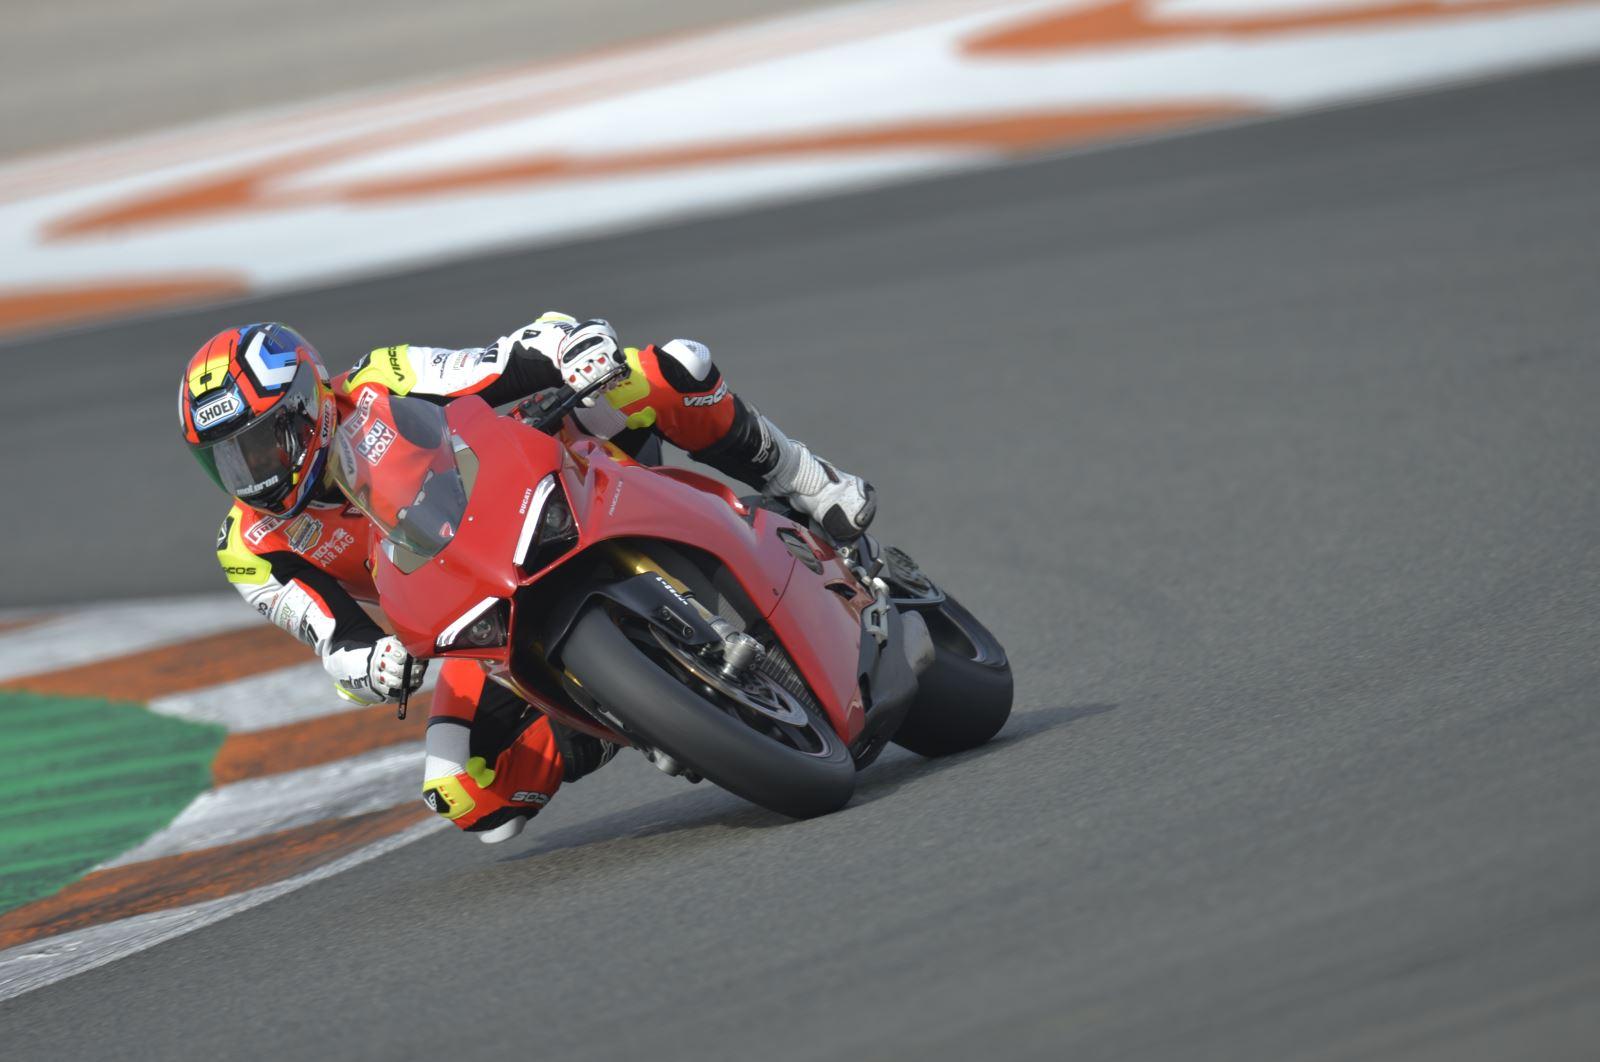 Ducati Panigale V4: Gerçekten Efsanesi Kadar İyi Mi? 1. İçerik Fotoğrafı